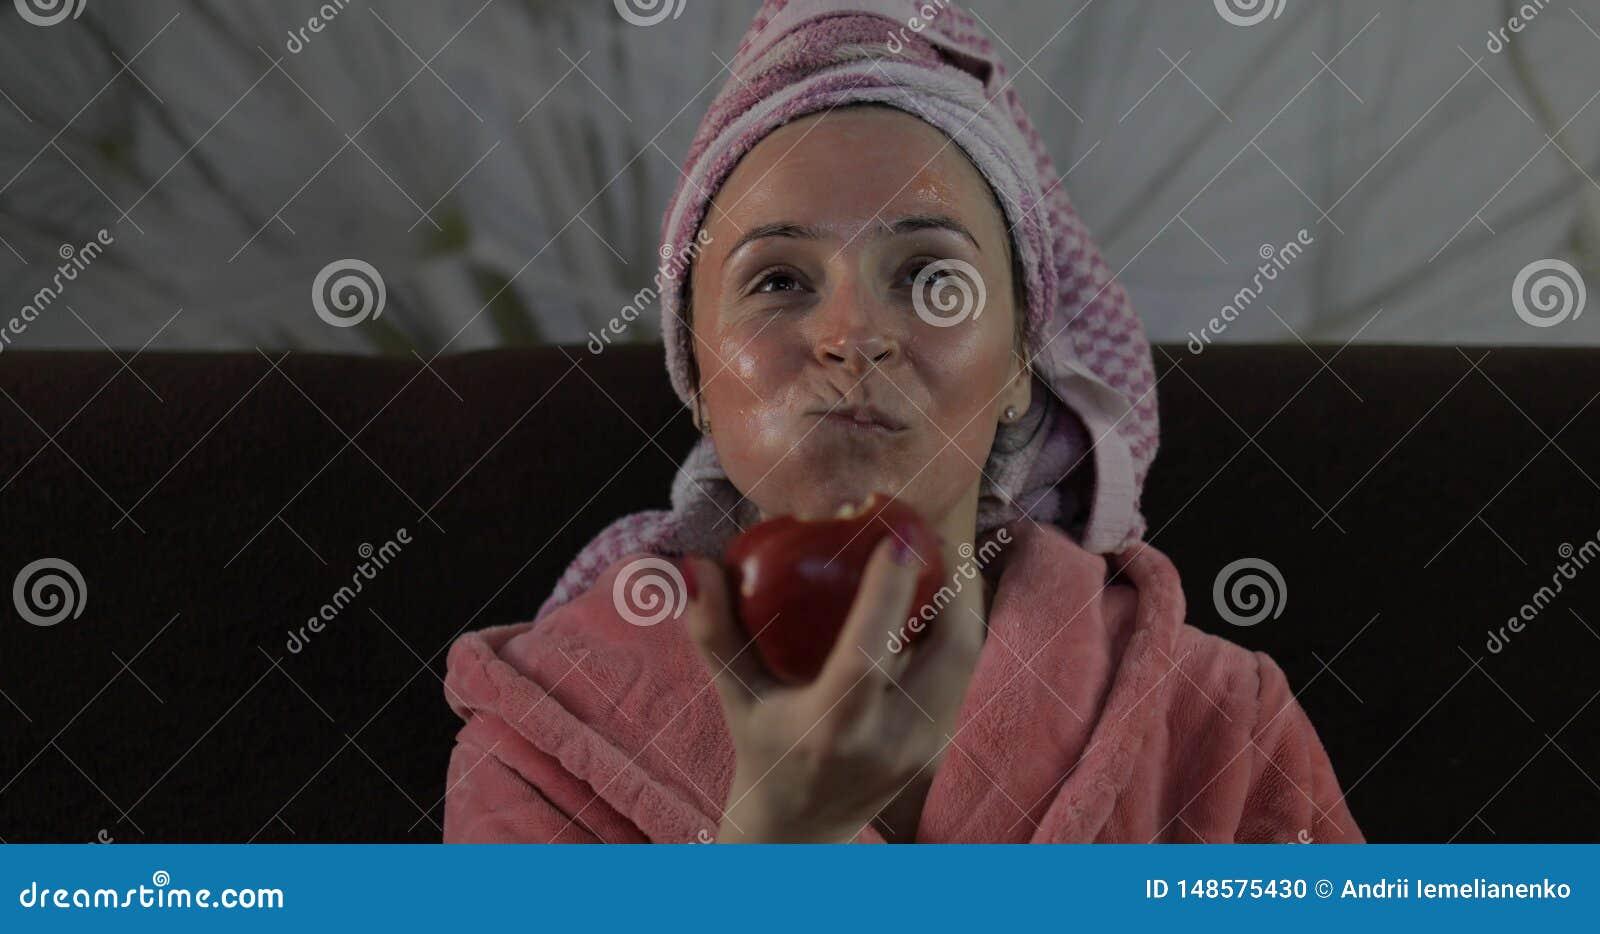 Γυναίκα που προσέχει έναν πρόσφατο - κινηματογράφος νύχτας στη TV, που τρώει ένα μήλο Μπουρνούζι, του προσώπου μάσκα